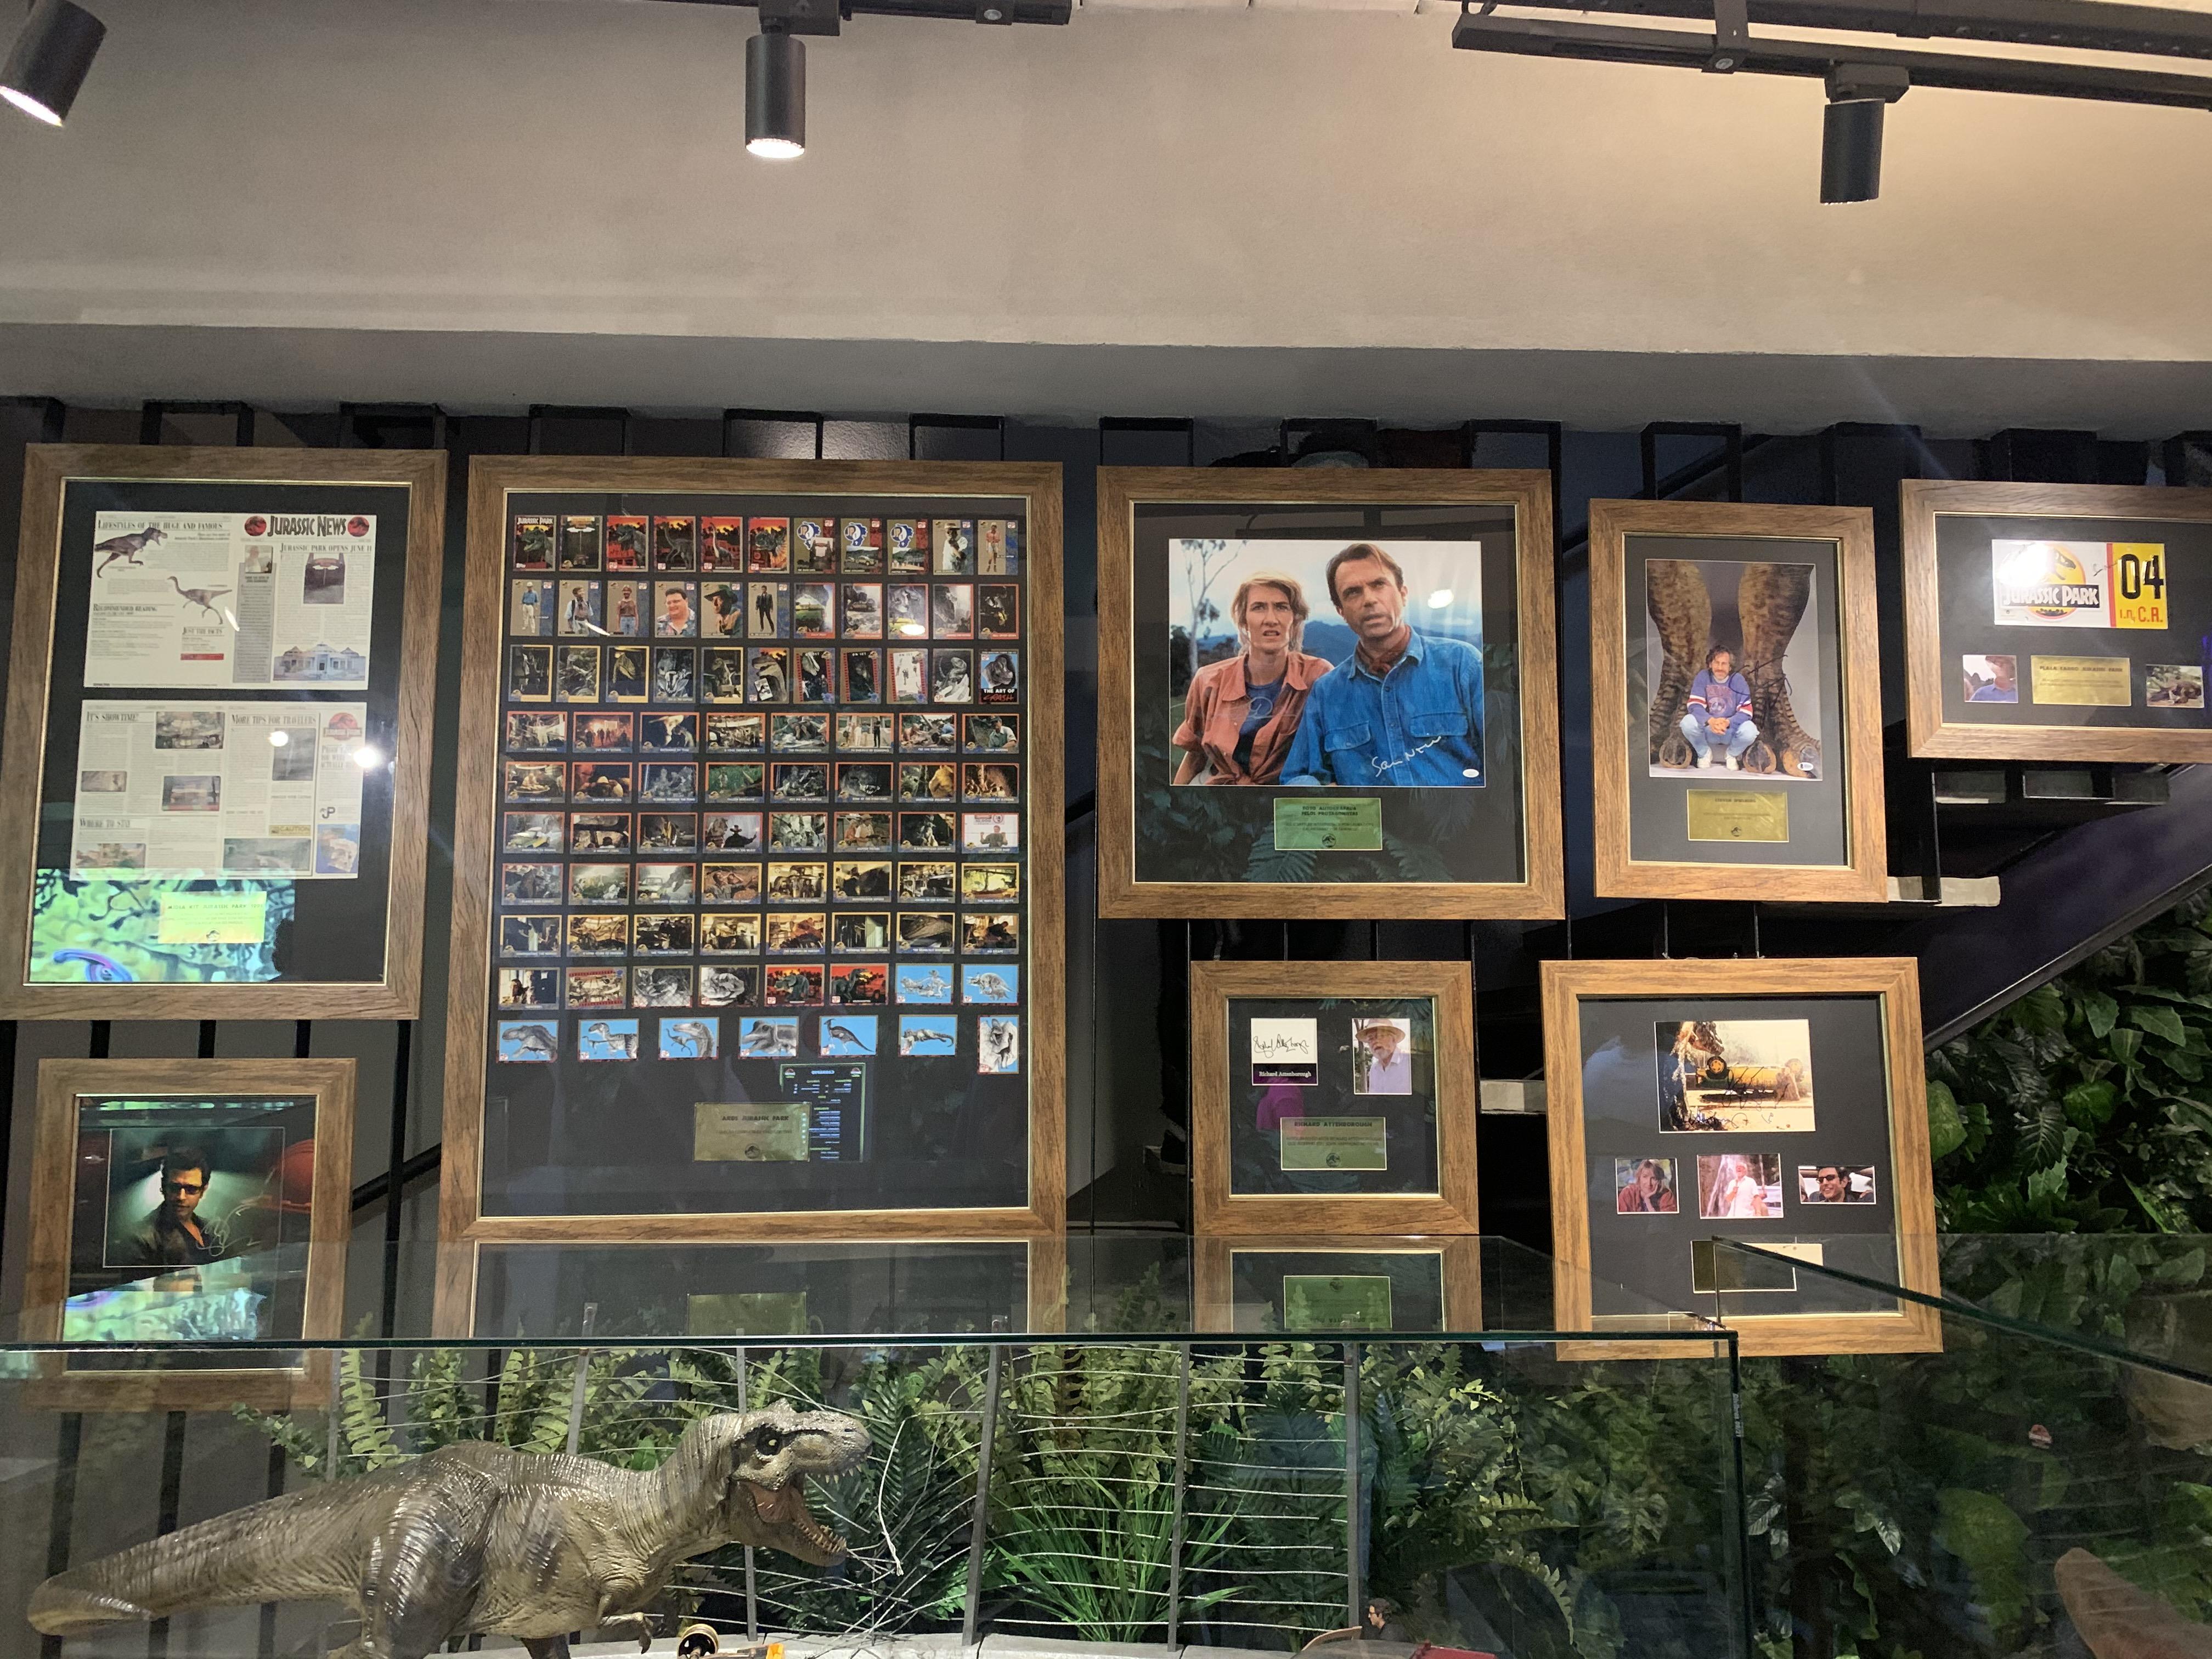 Quadros pendurados em paredes com fotos do filme Jurassic Park.